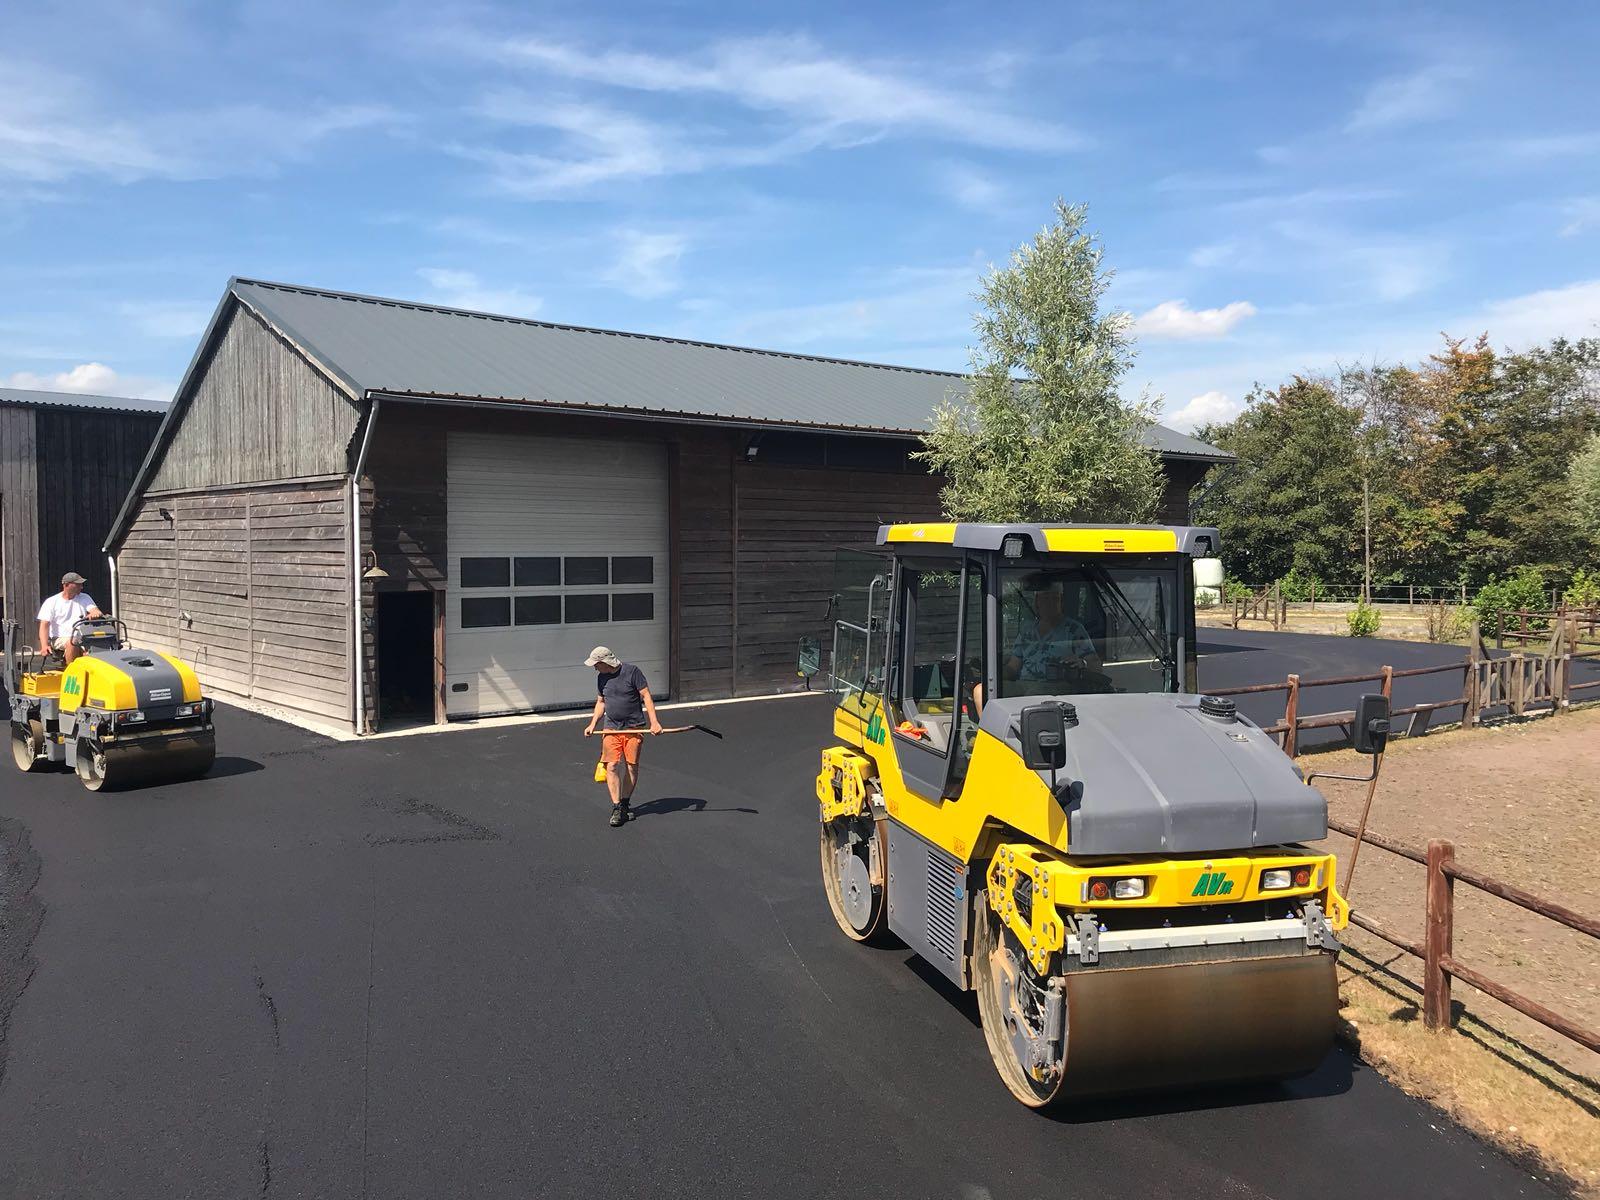 asfalt asfalteren erfverharding verharding friesland noord-nederland particulier, oprit, tuin zakelijk bedrijventerrein parkeerterrein